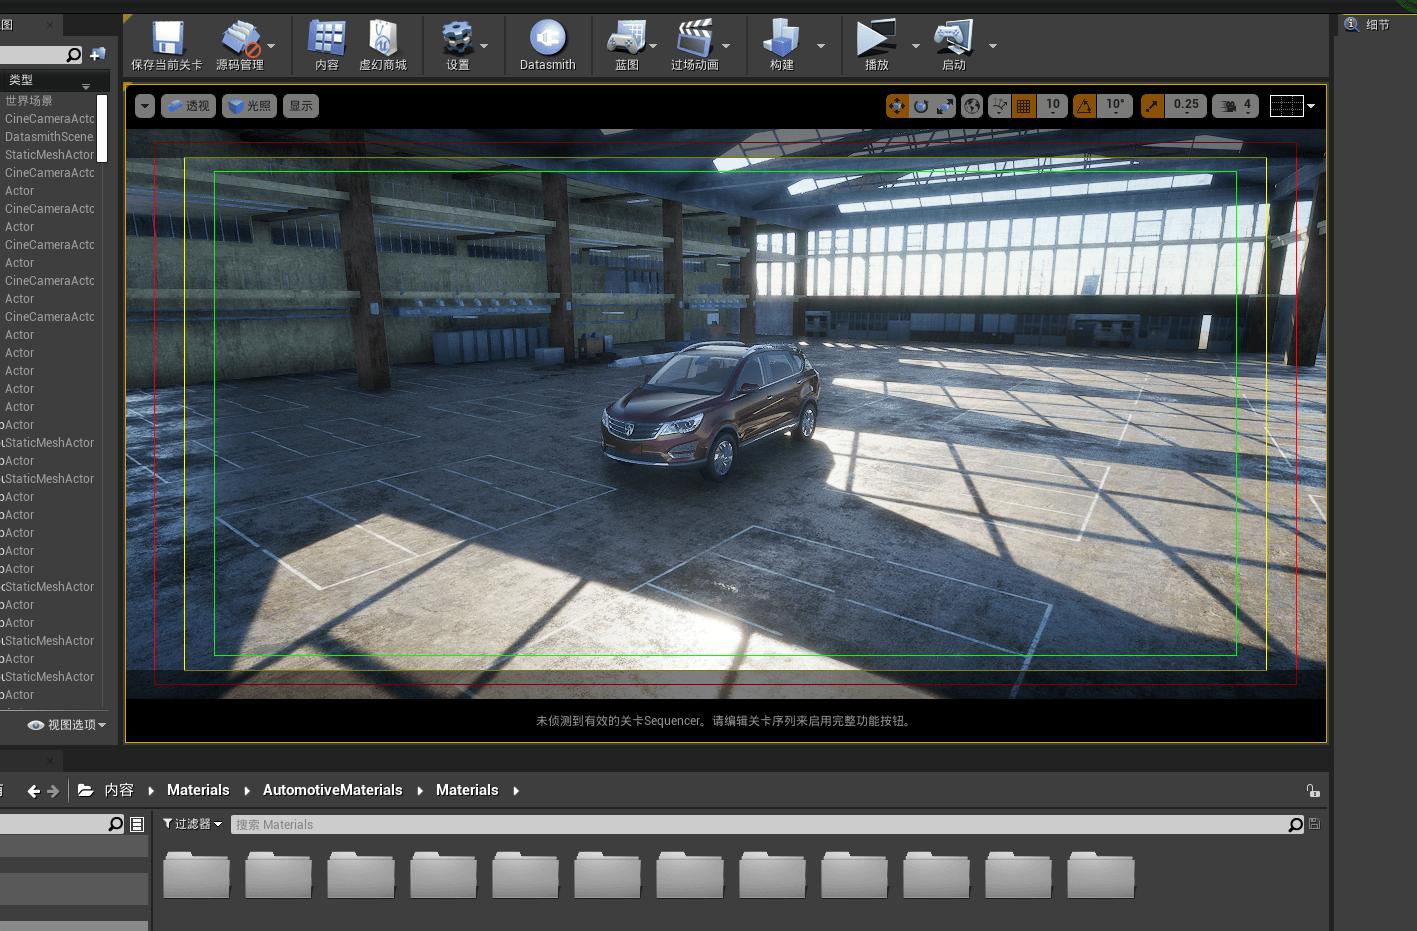 3dMax结合UE4实现高效动画实时渲染视频教程